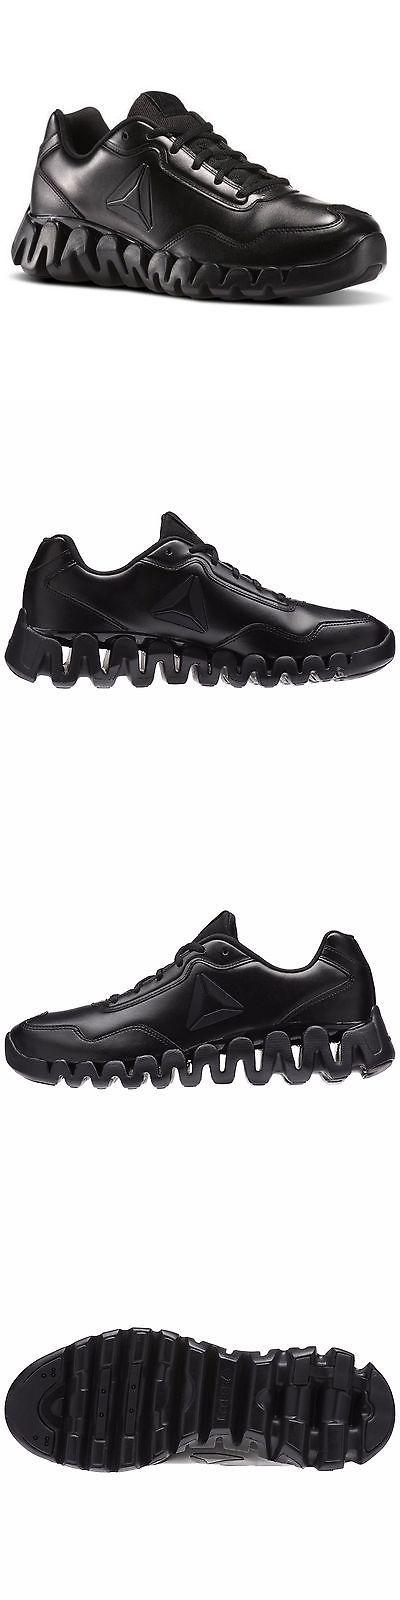 254af752af4dbe Men 158971  Reebok Zig Pulse Le Matte Leather (Reebok Zig Energy Ref) -   BUY IT NOW ONLY   86.95 on eBay!